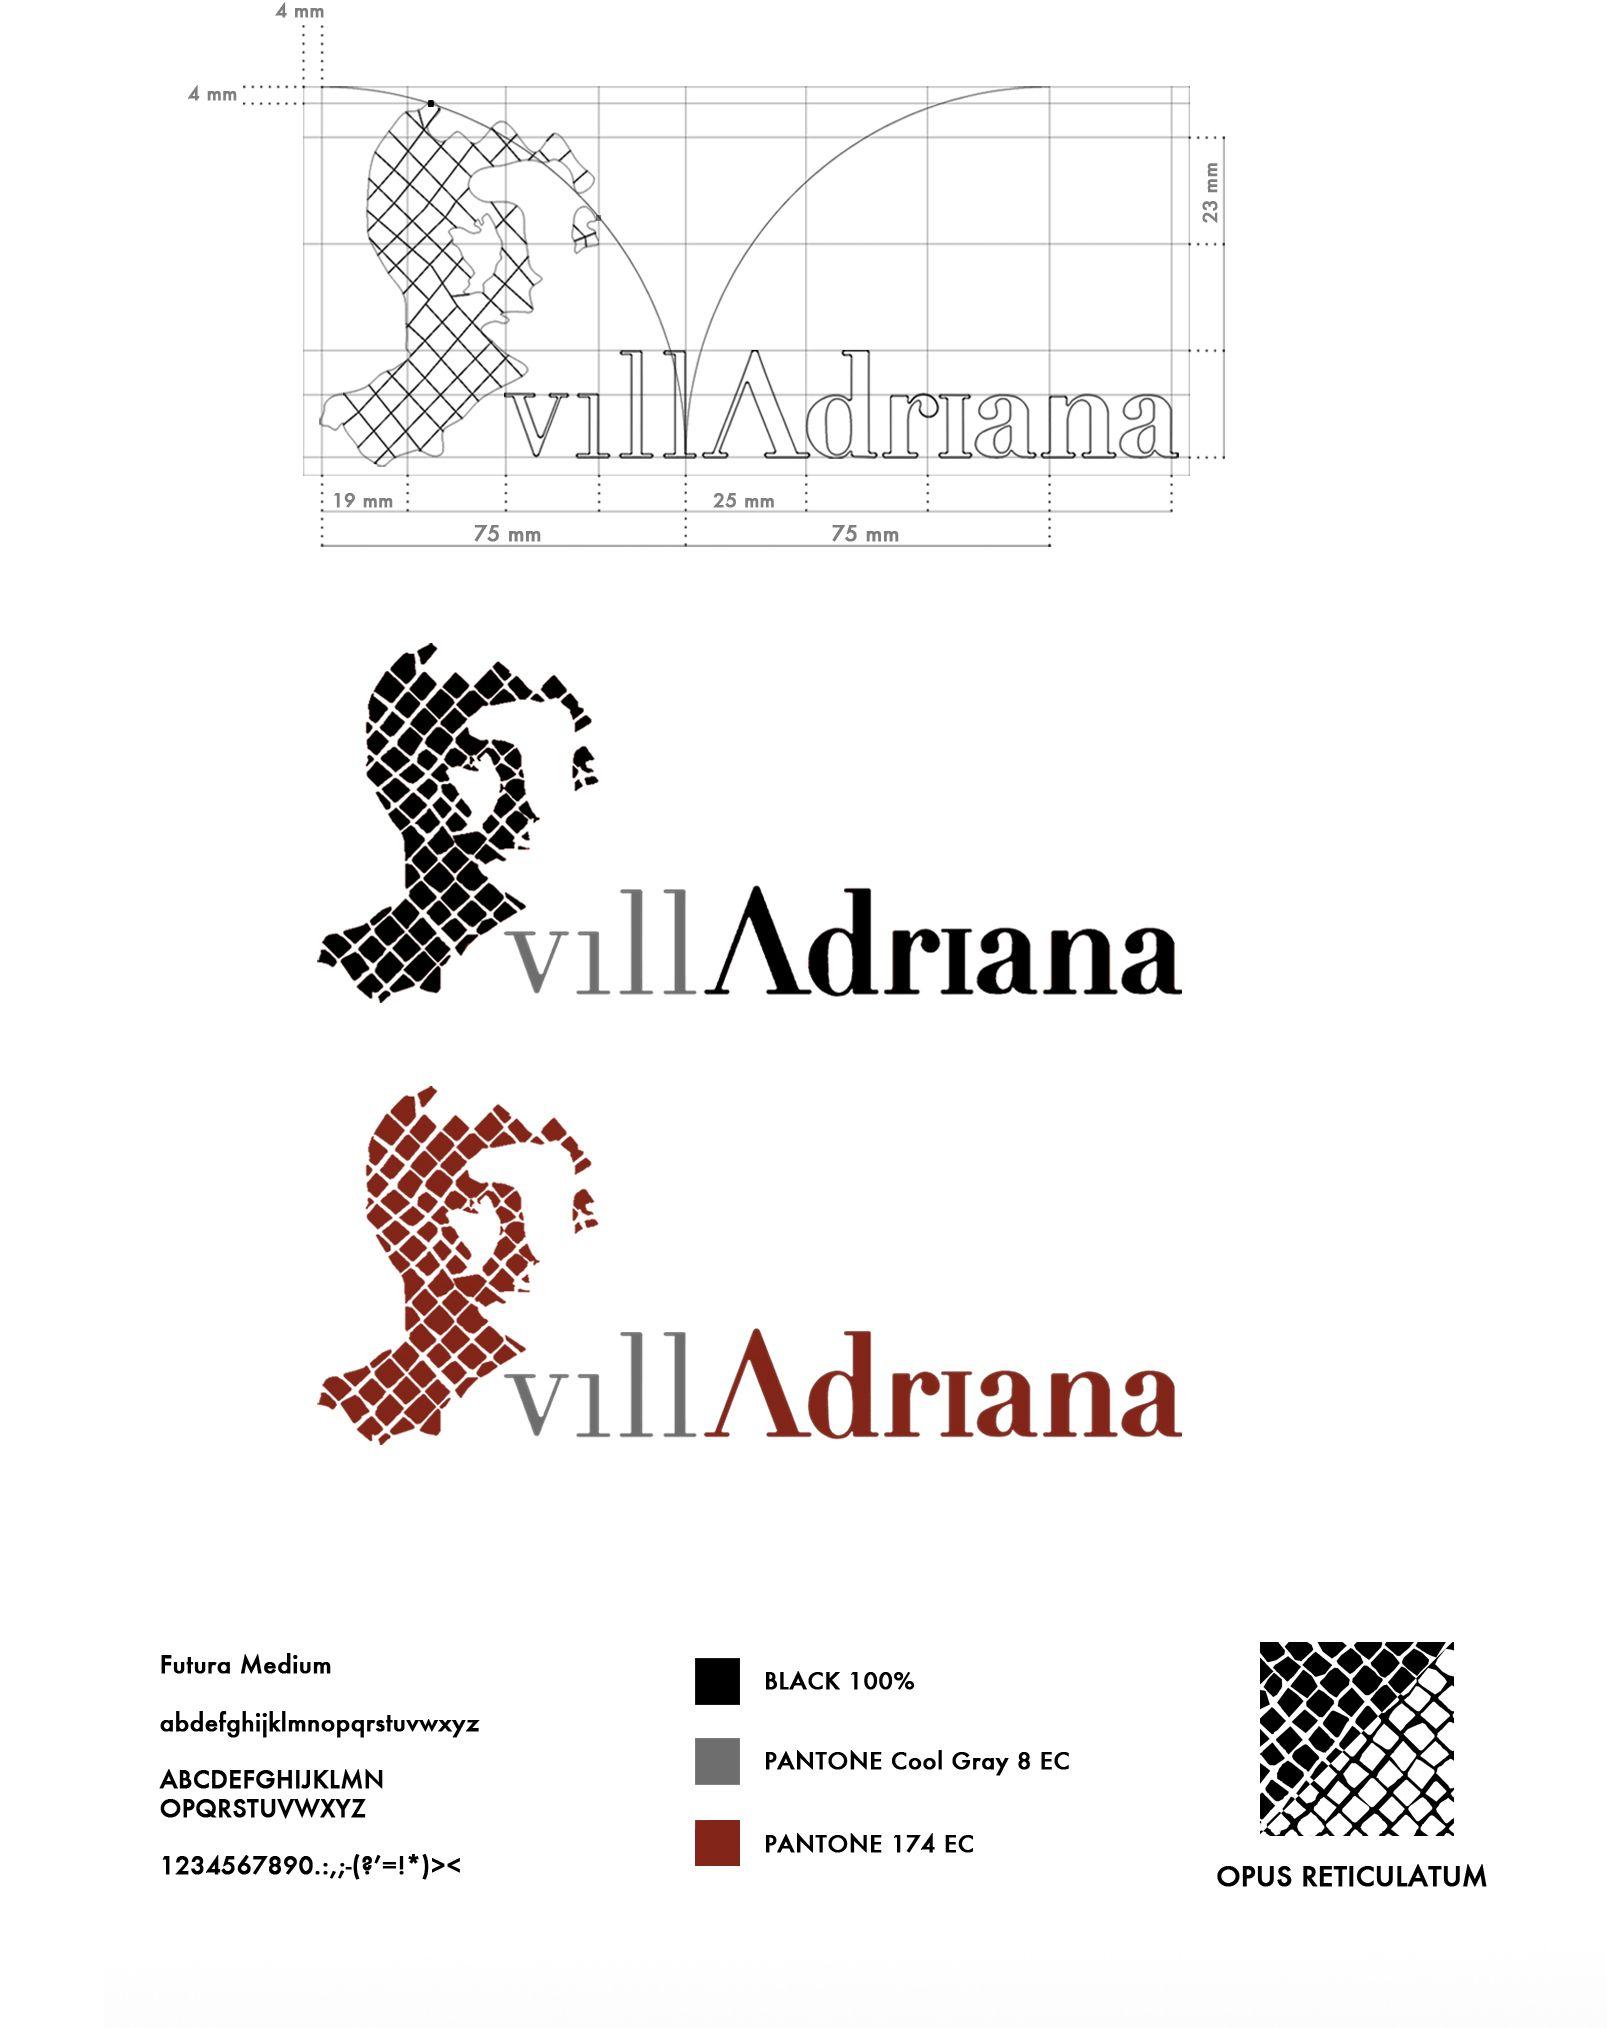 VillAdriana